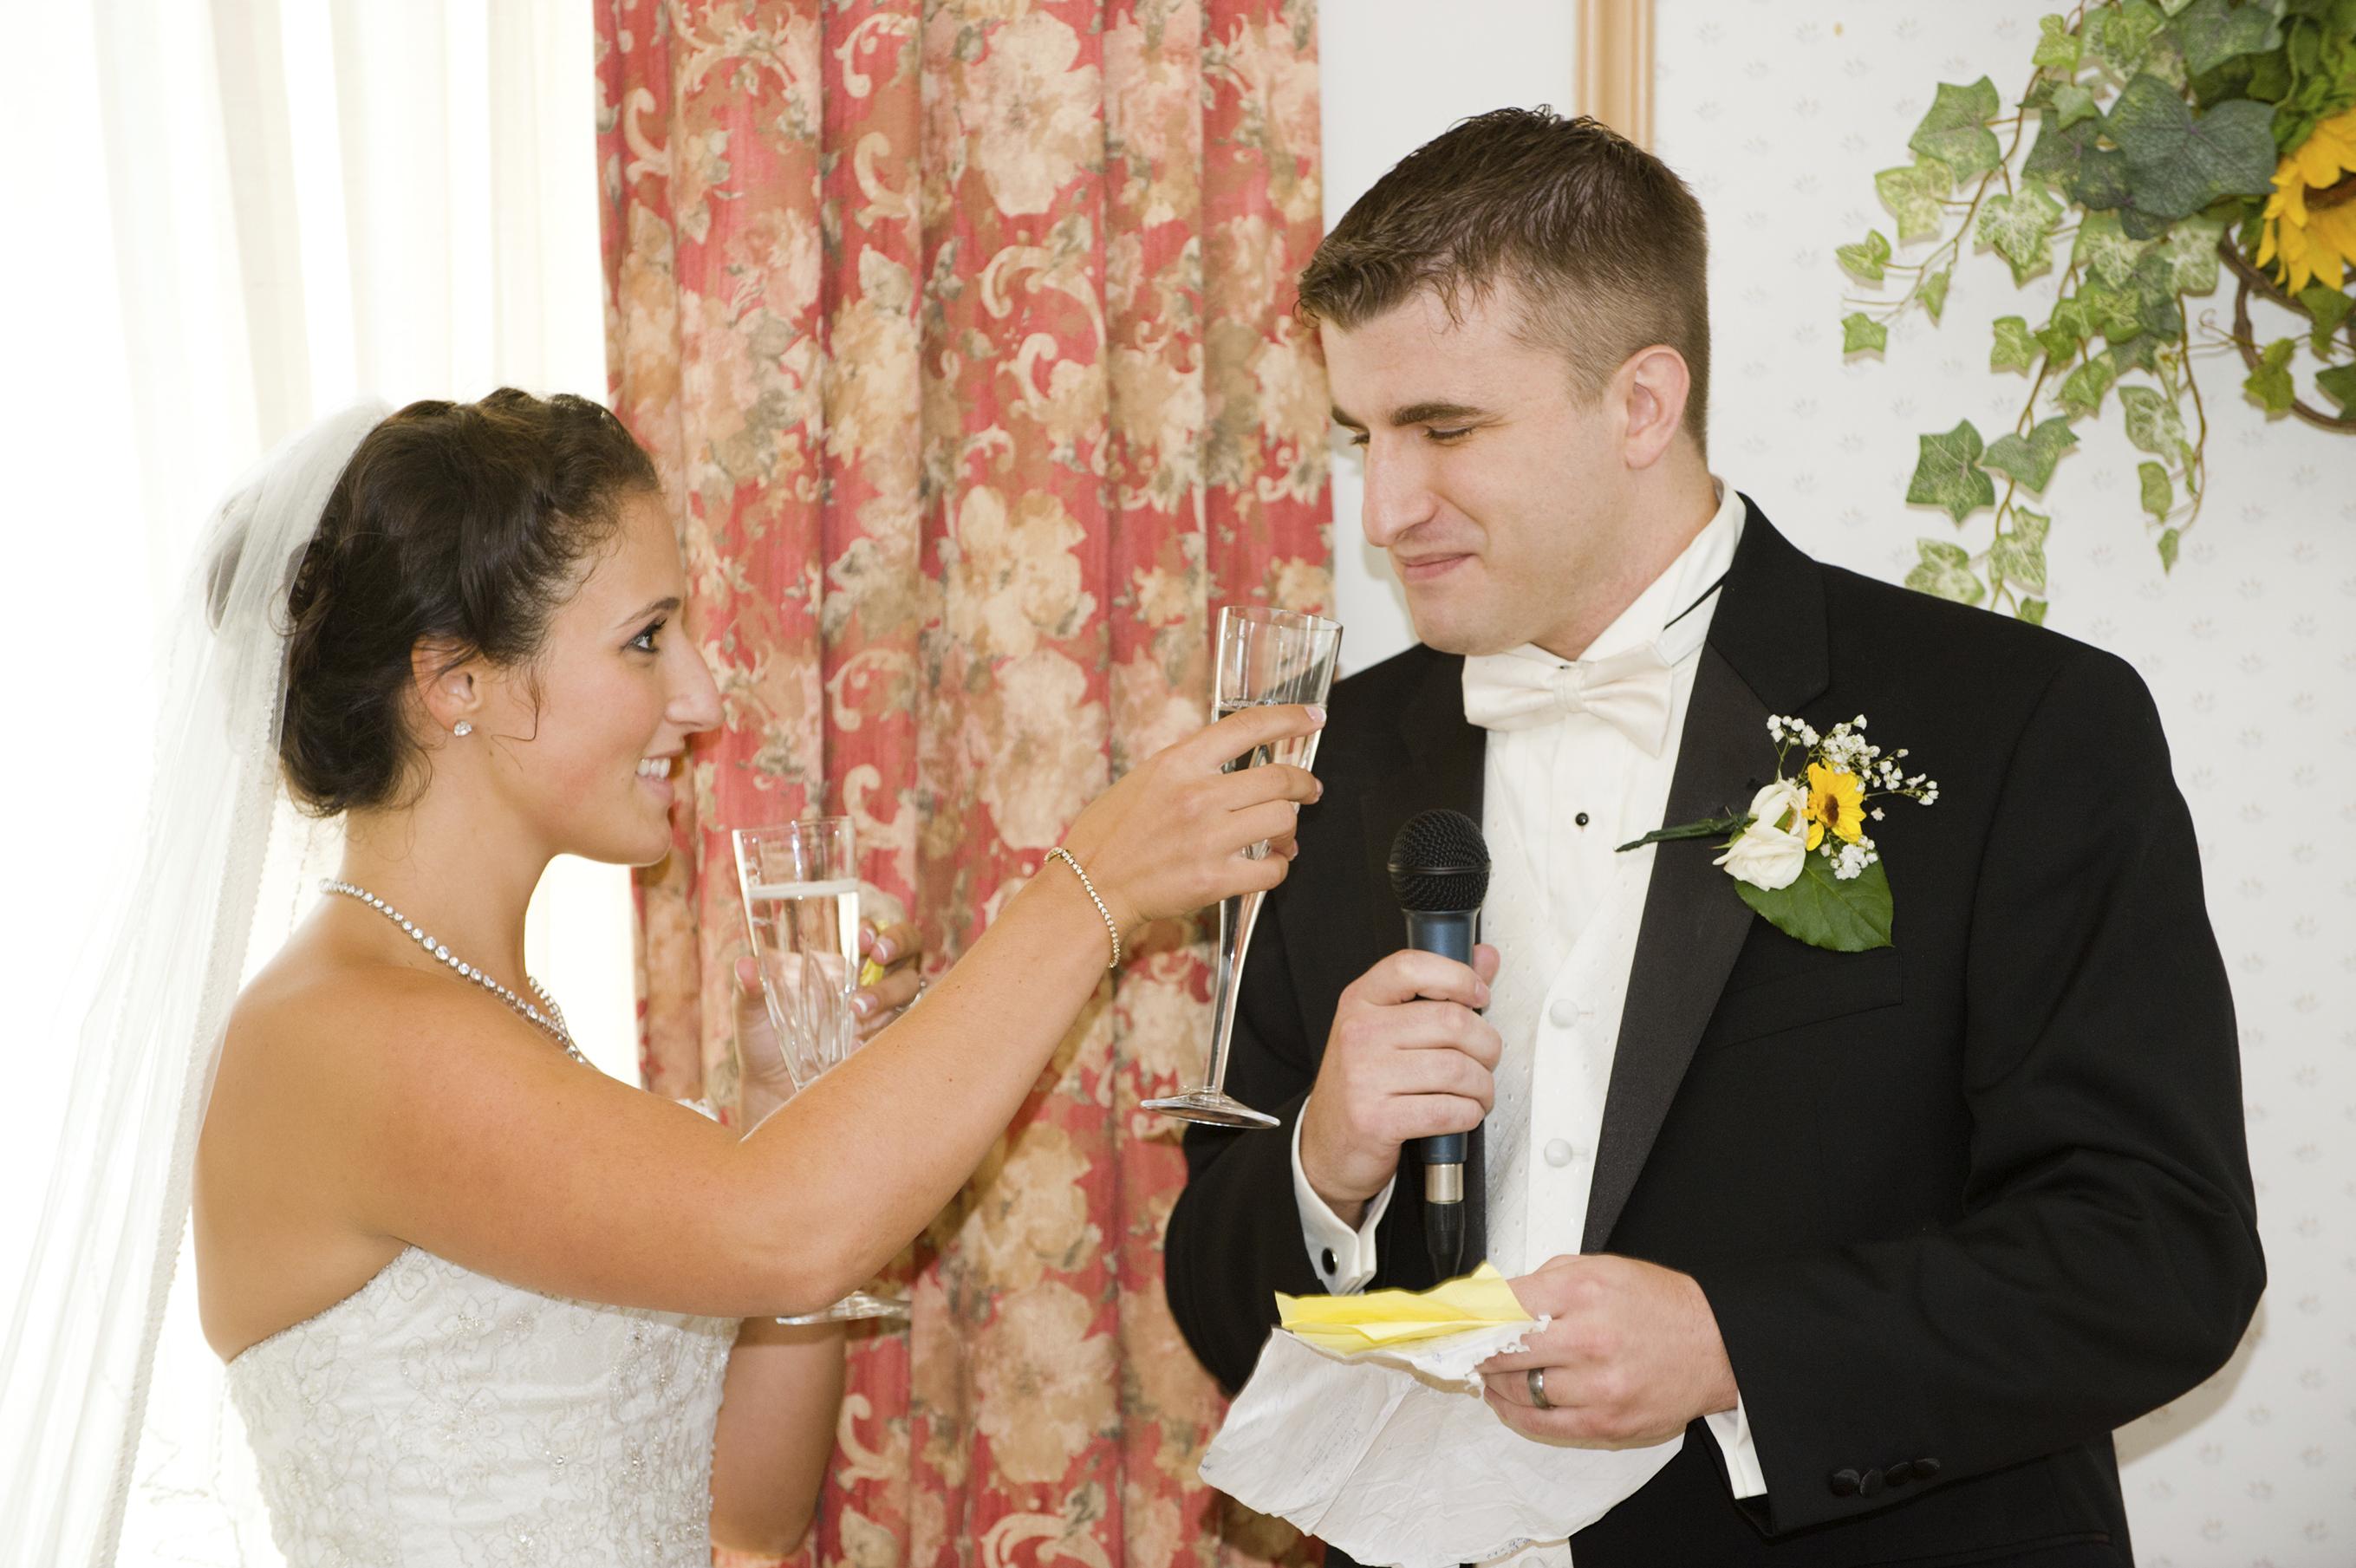 овсяное лучшее поздравление на свадьбу от тамады очень возбуждены